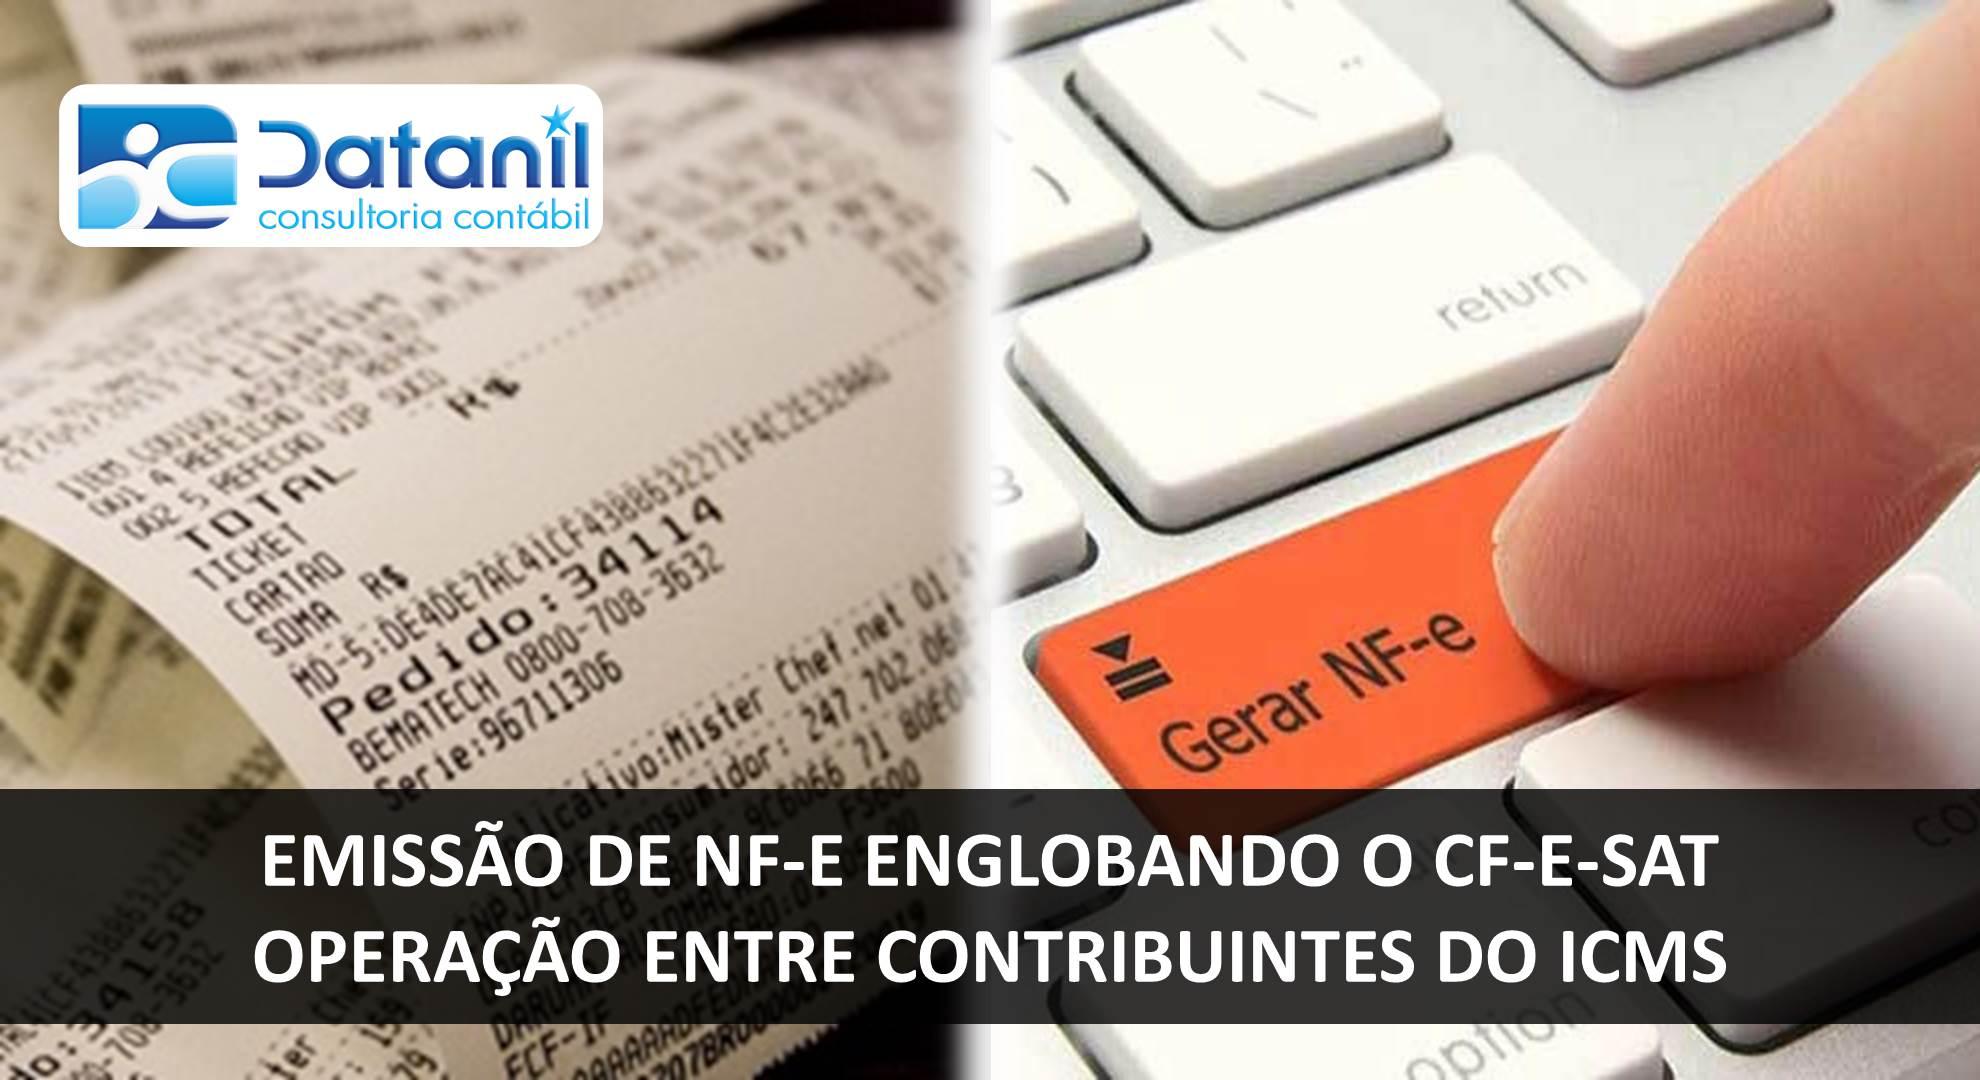 Emissão De NF-e Englobando O CF-e SAT – Operação Entre Contribuintes Do ICMS